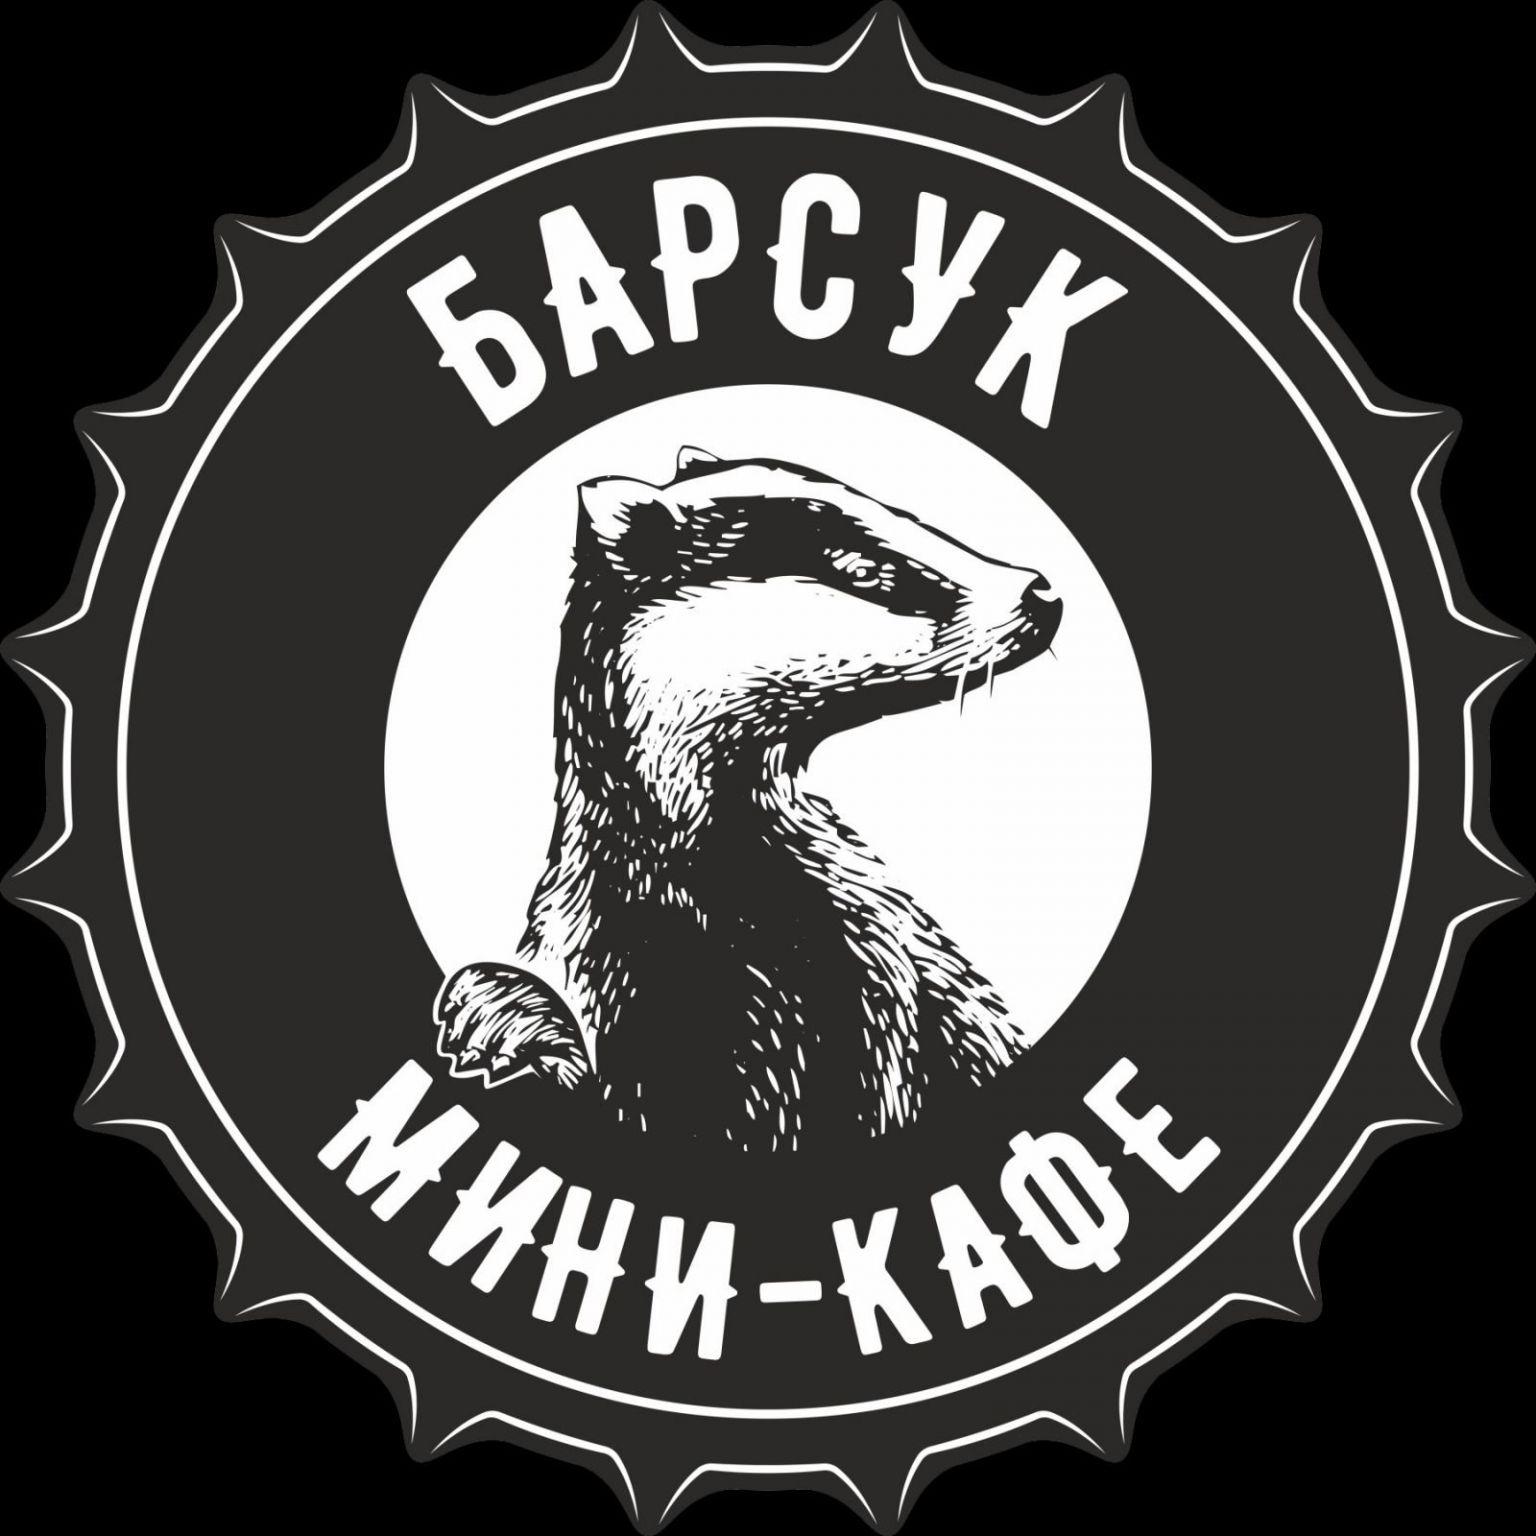 Кафе Барсук